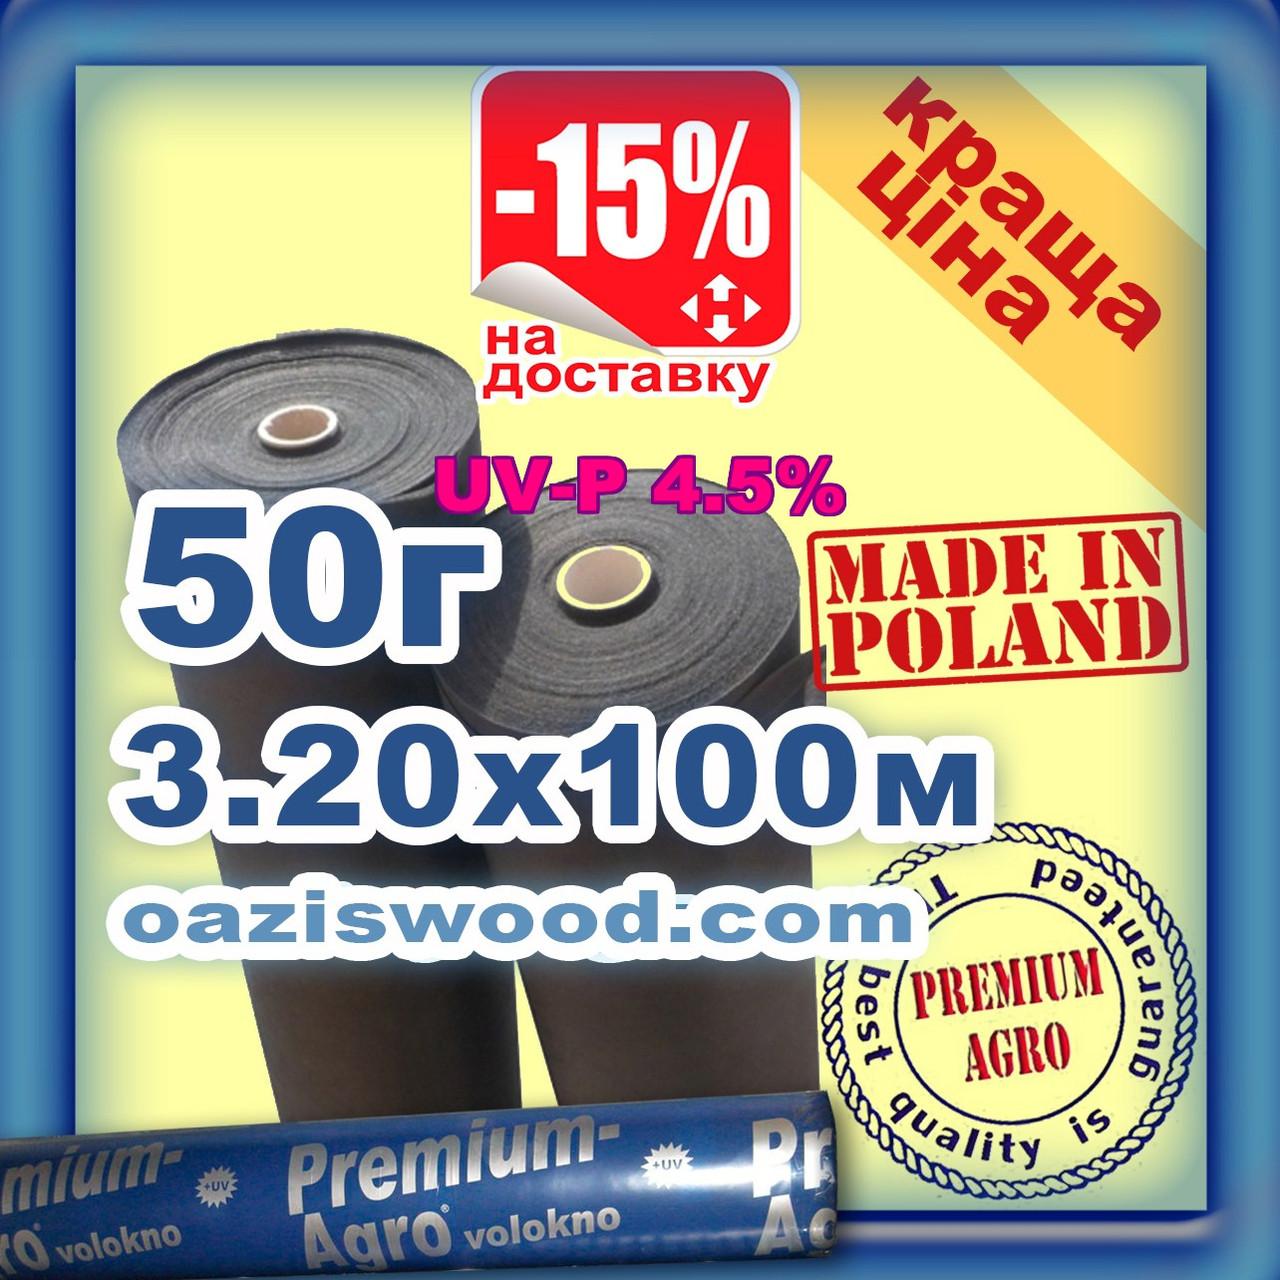 Агроволокно p-50g 3.2*100м черное UV-P 4.5% Premium-Agro Польша